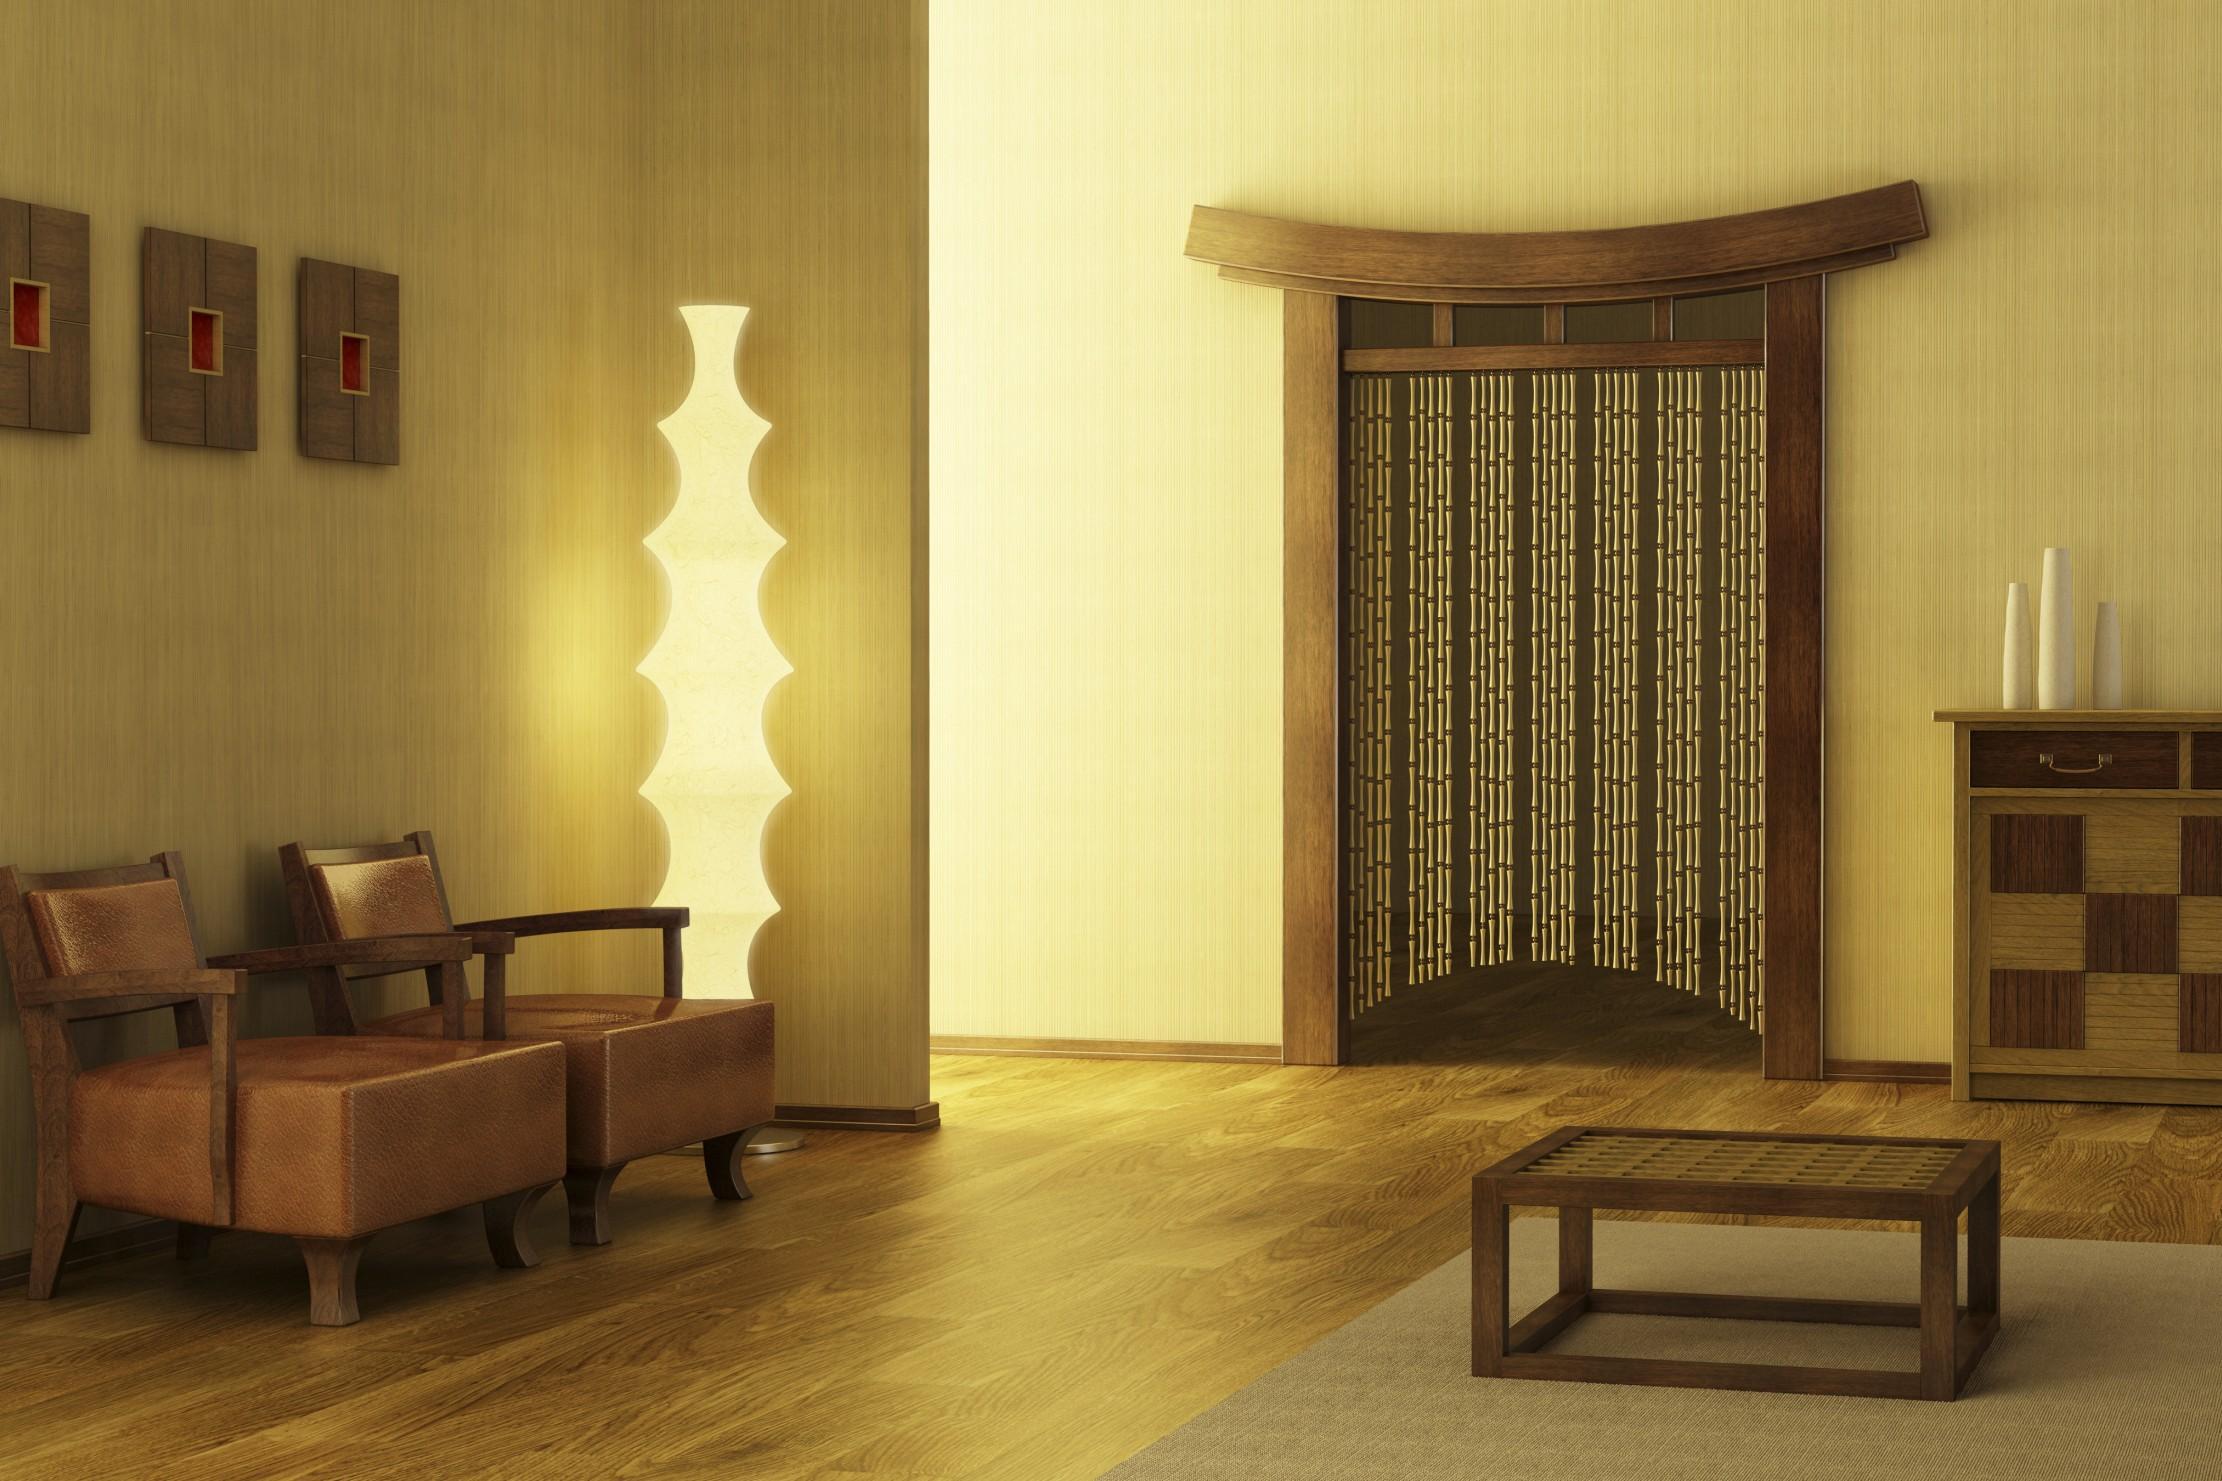 Filosofia zen sull arredo arte news for Arredamento stile giapponese